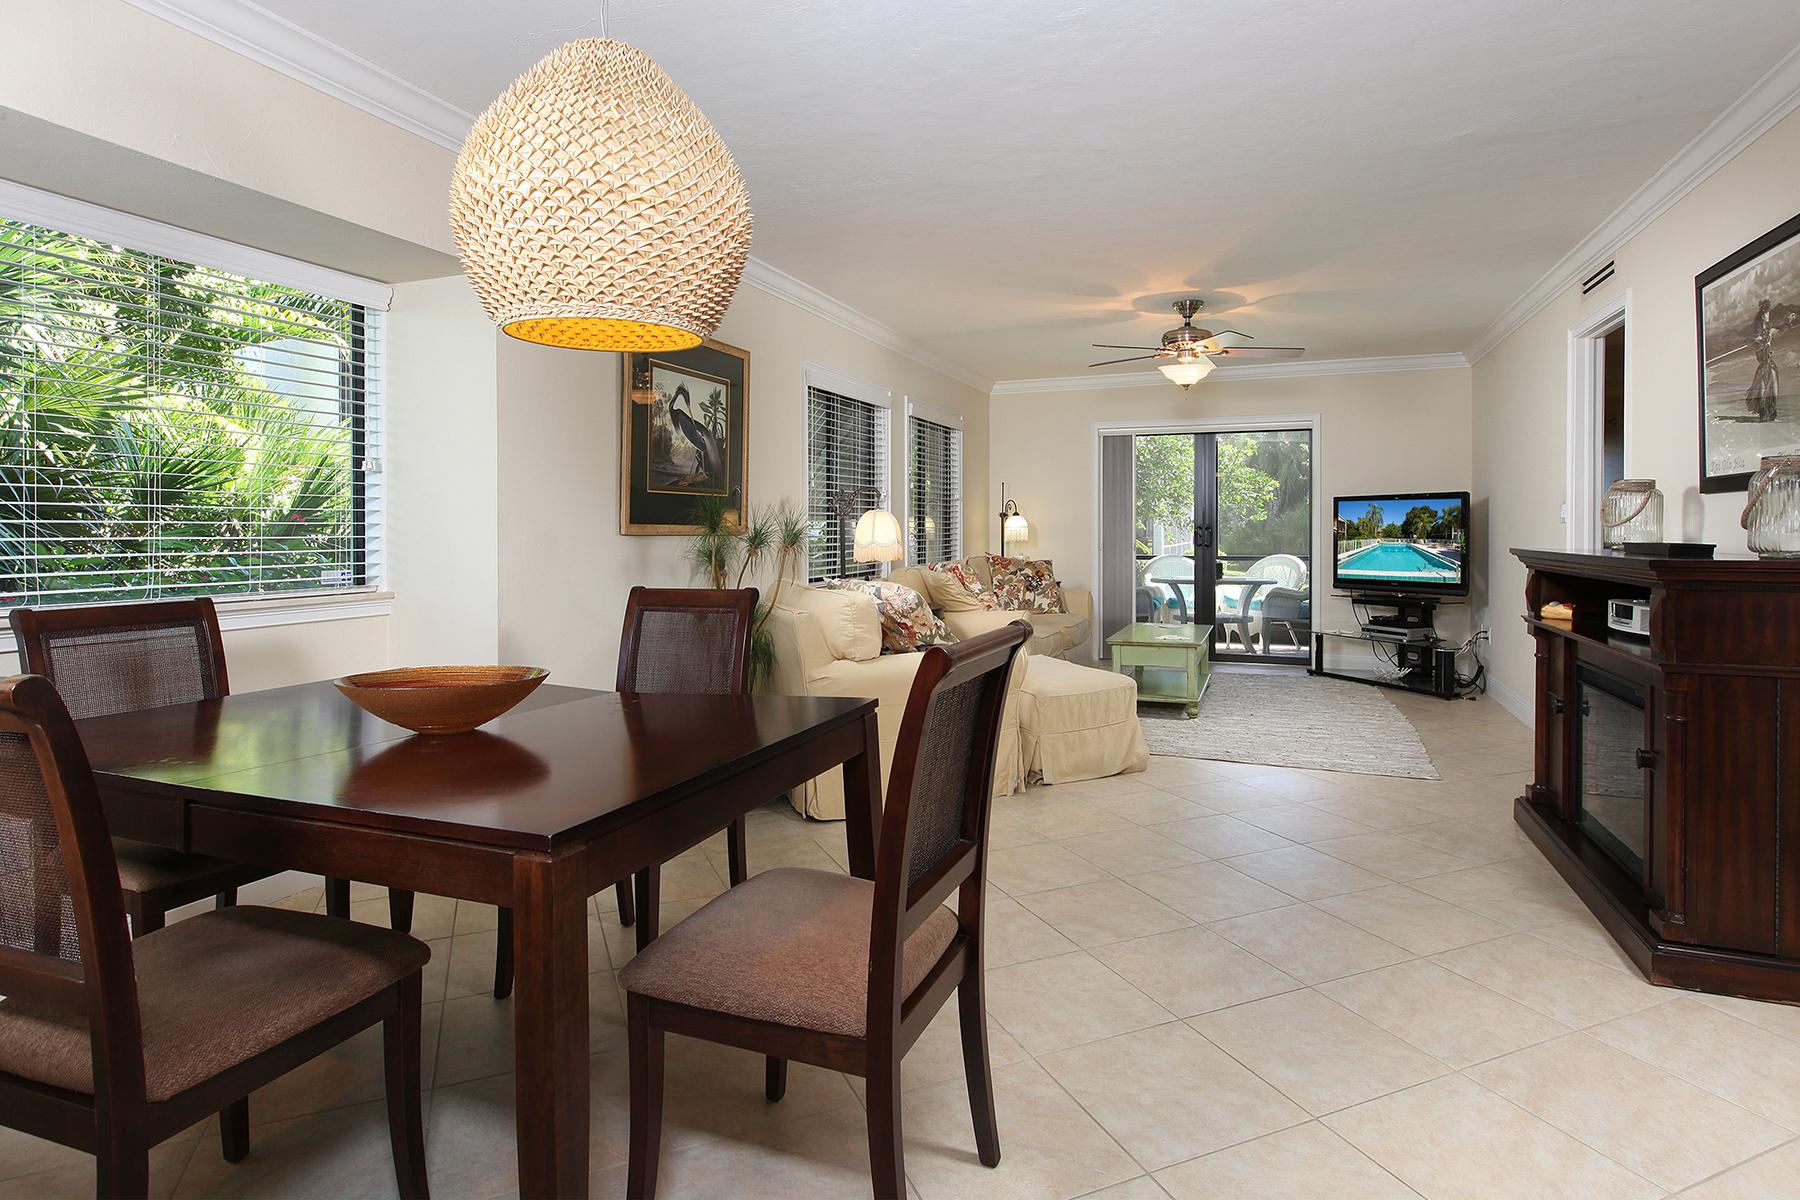 コンドミニアム のために 売買 アット PINE RIDGE - SUMMER PLACE 910 Vanderbilt Beach Rd 311W Naples, フロリダ 34108 アメリカ合衆国